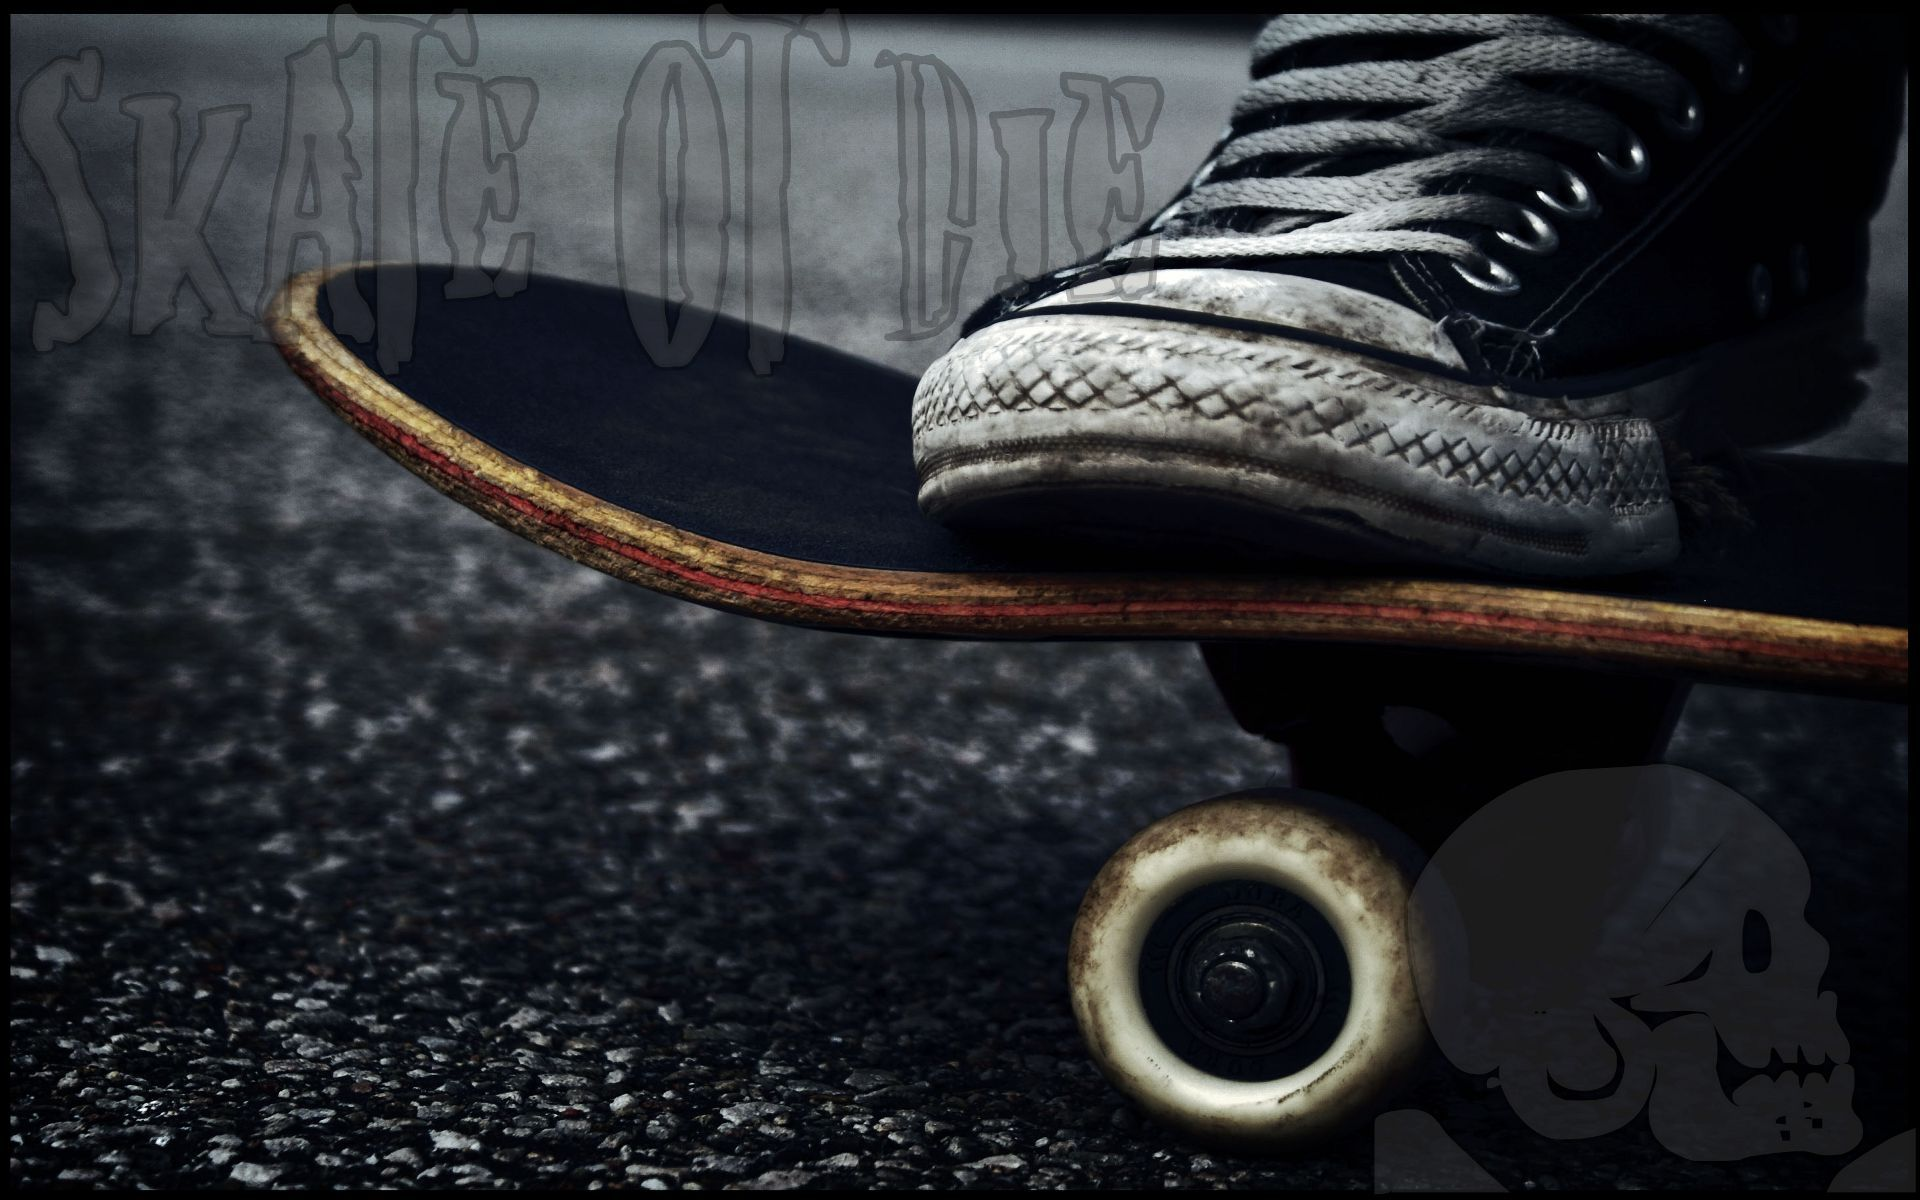 Free Skateboard Wallpaper Sneakers Wallpaper Skateboard